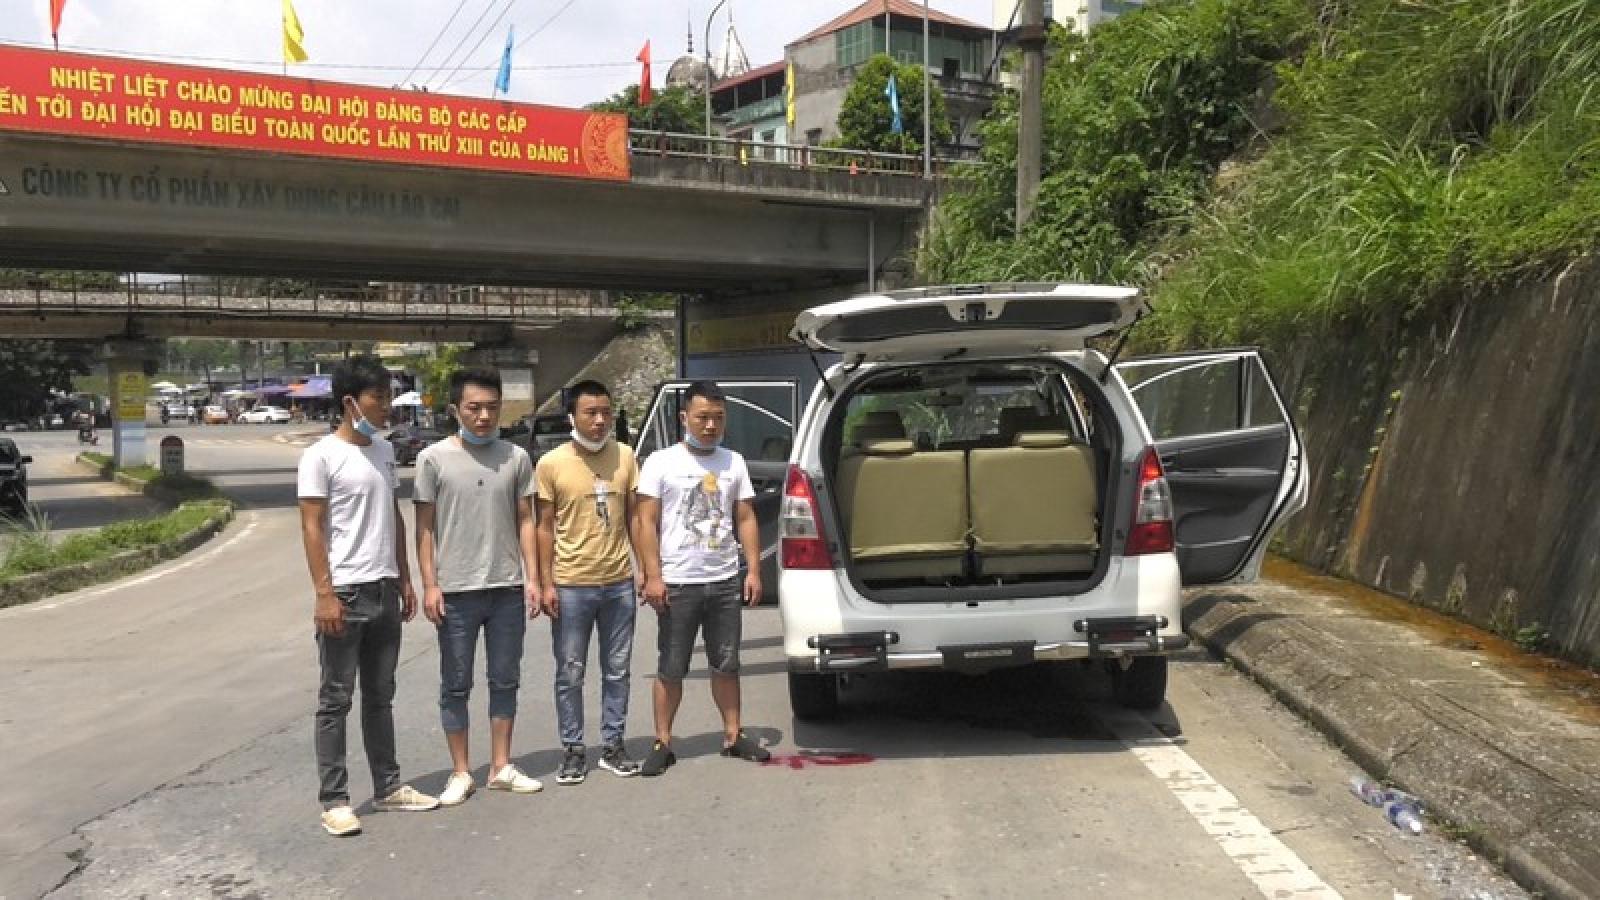 Khởi tố đối tượng đưa người Trung Quốc nhập cảnh trái phép ở Lào Cai